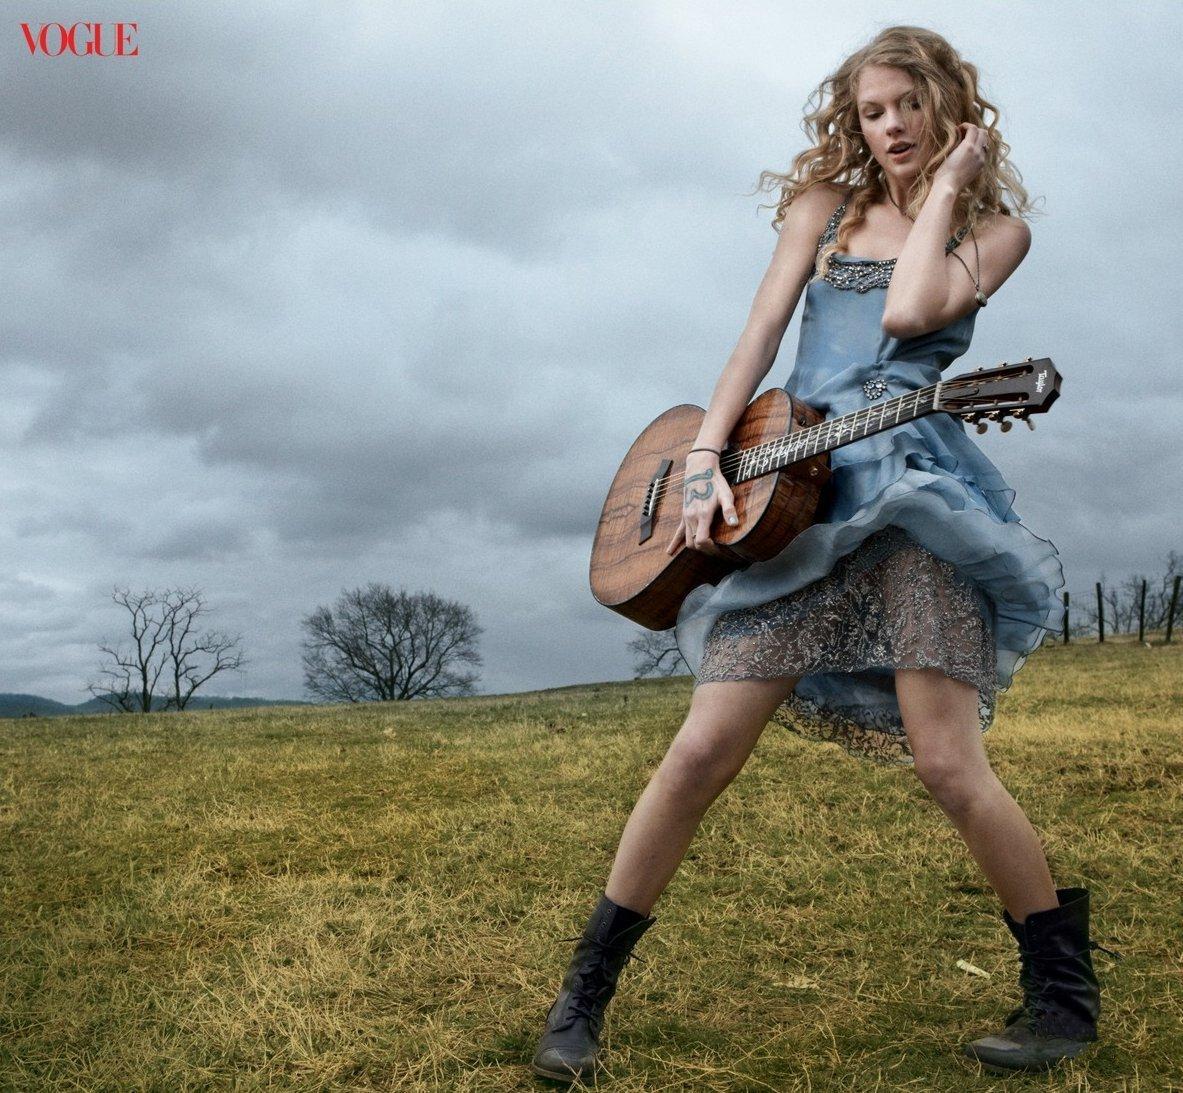 Taylor Swift - Photoshoot #105: Vogue (2010) - Anichu90 ...